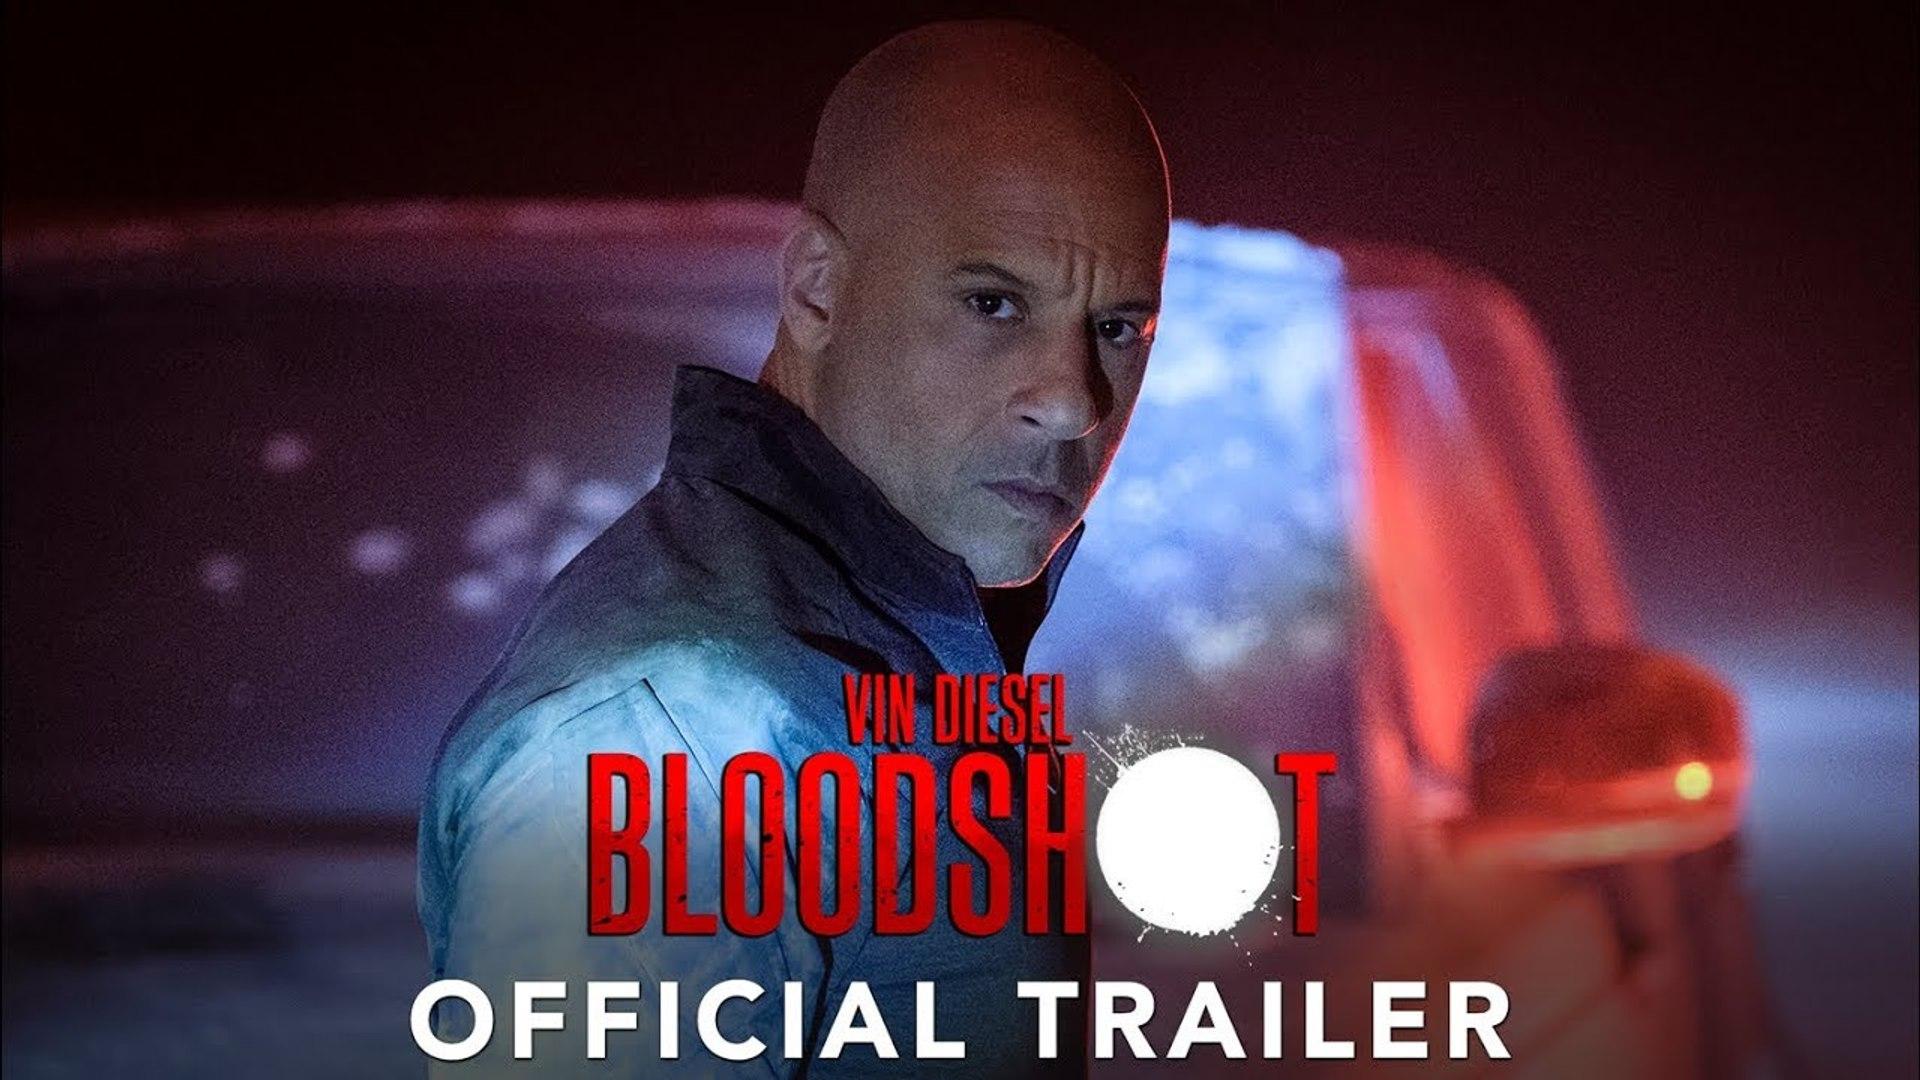 Bloodshot Trailer (2020) Action Movie